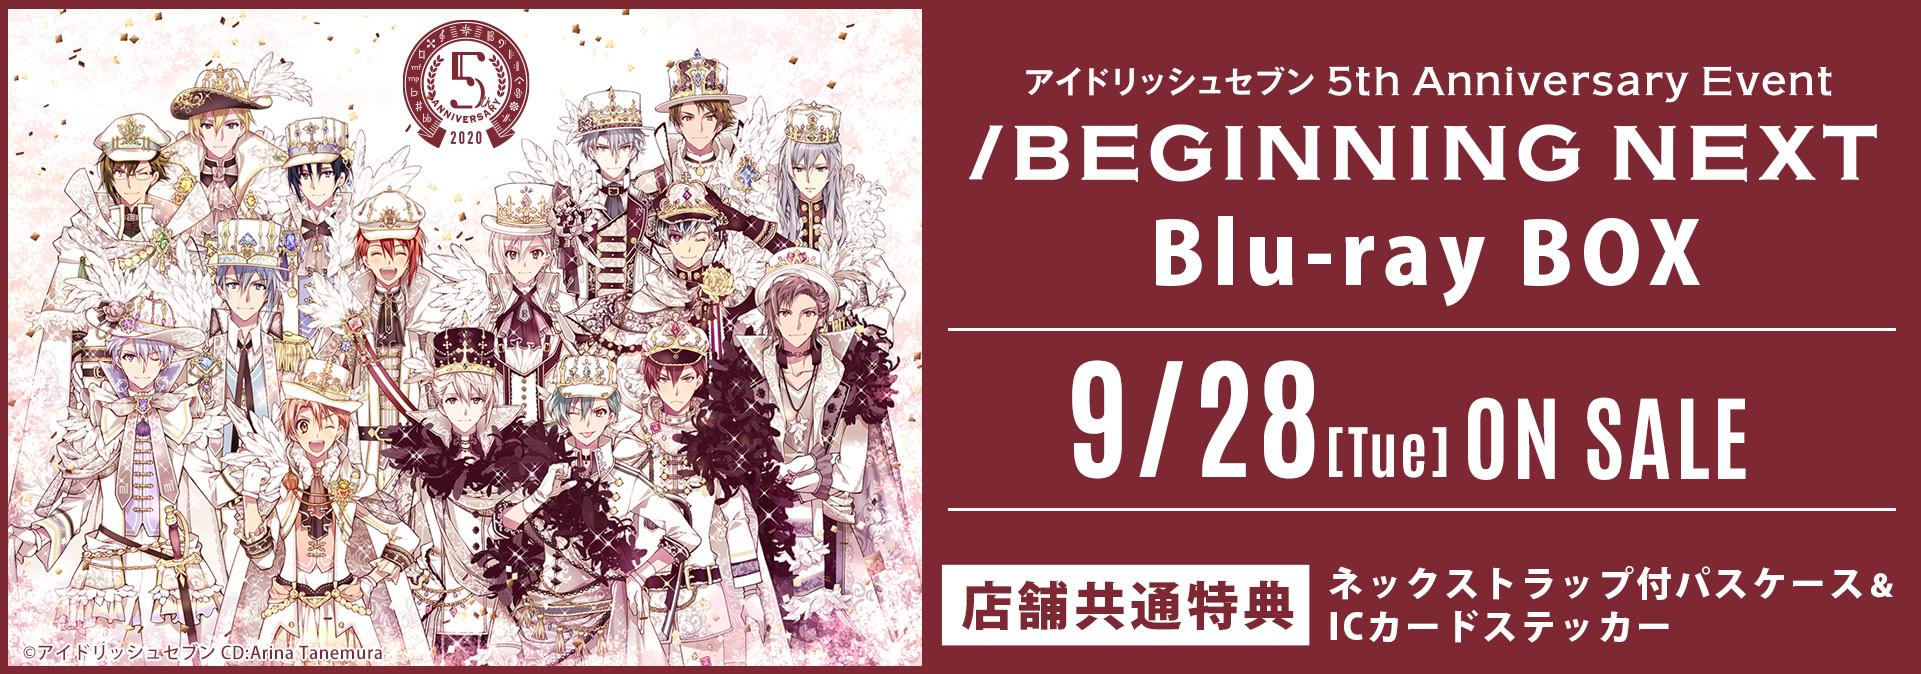 アイドリッシュセブン 5th Anniversary Event /BEGINNING NEXT Blu-ray BOX